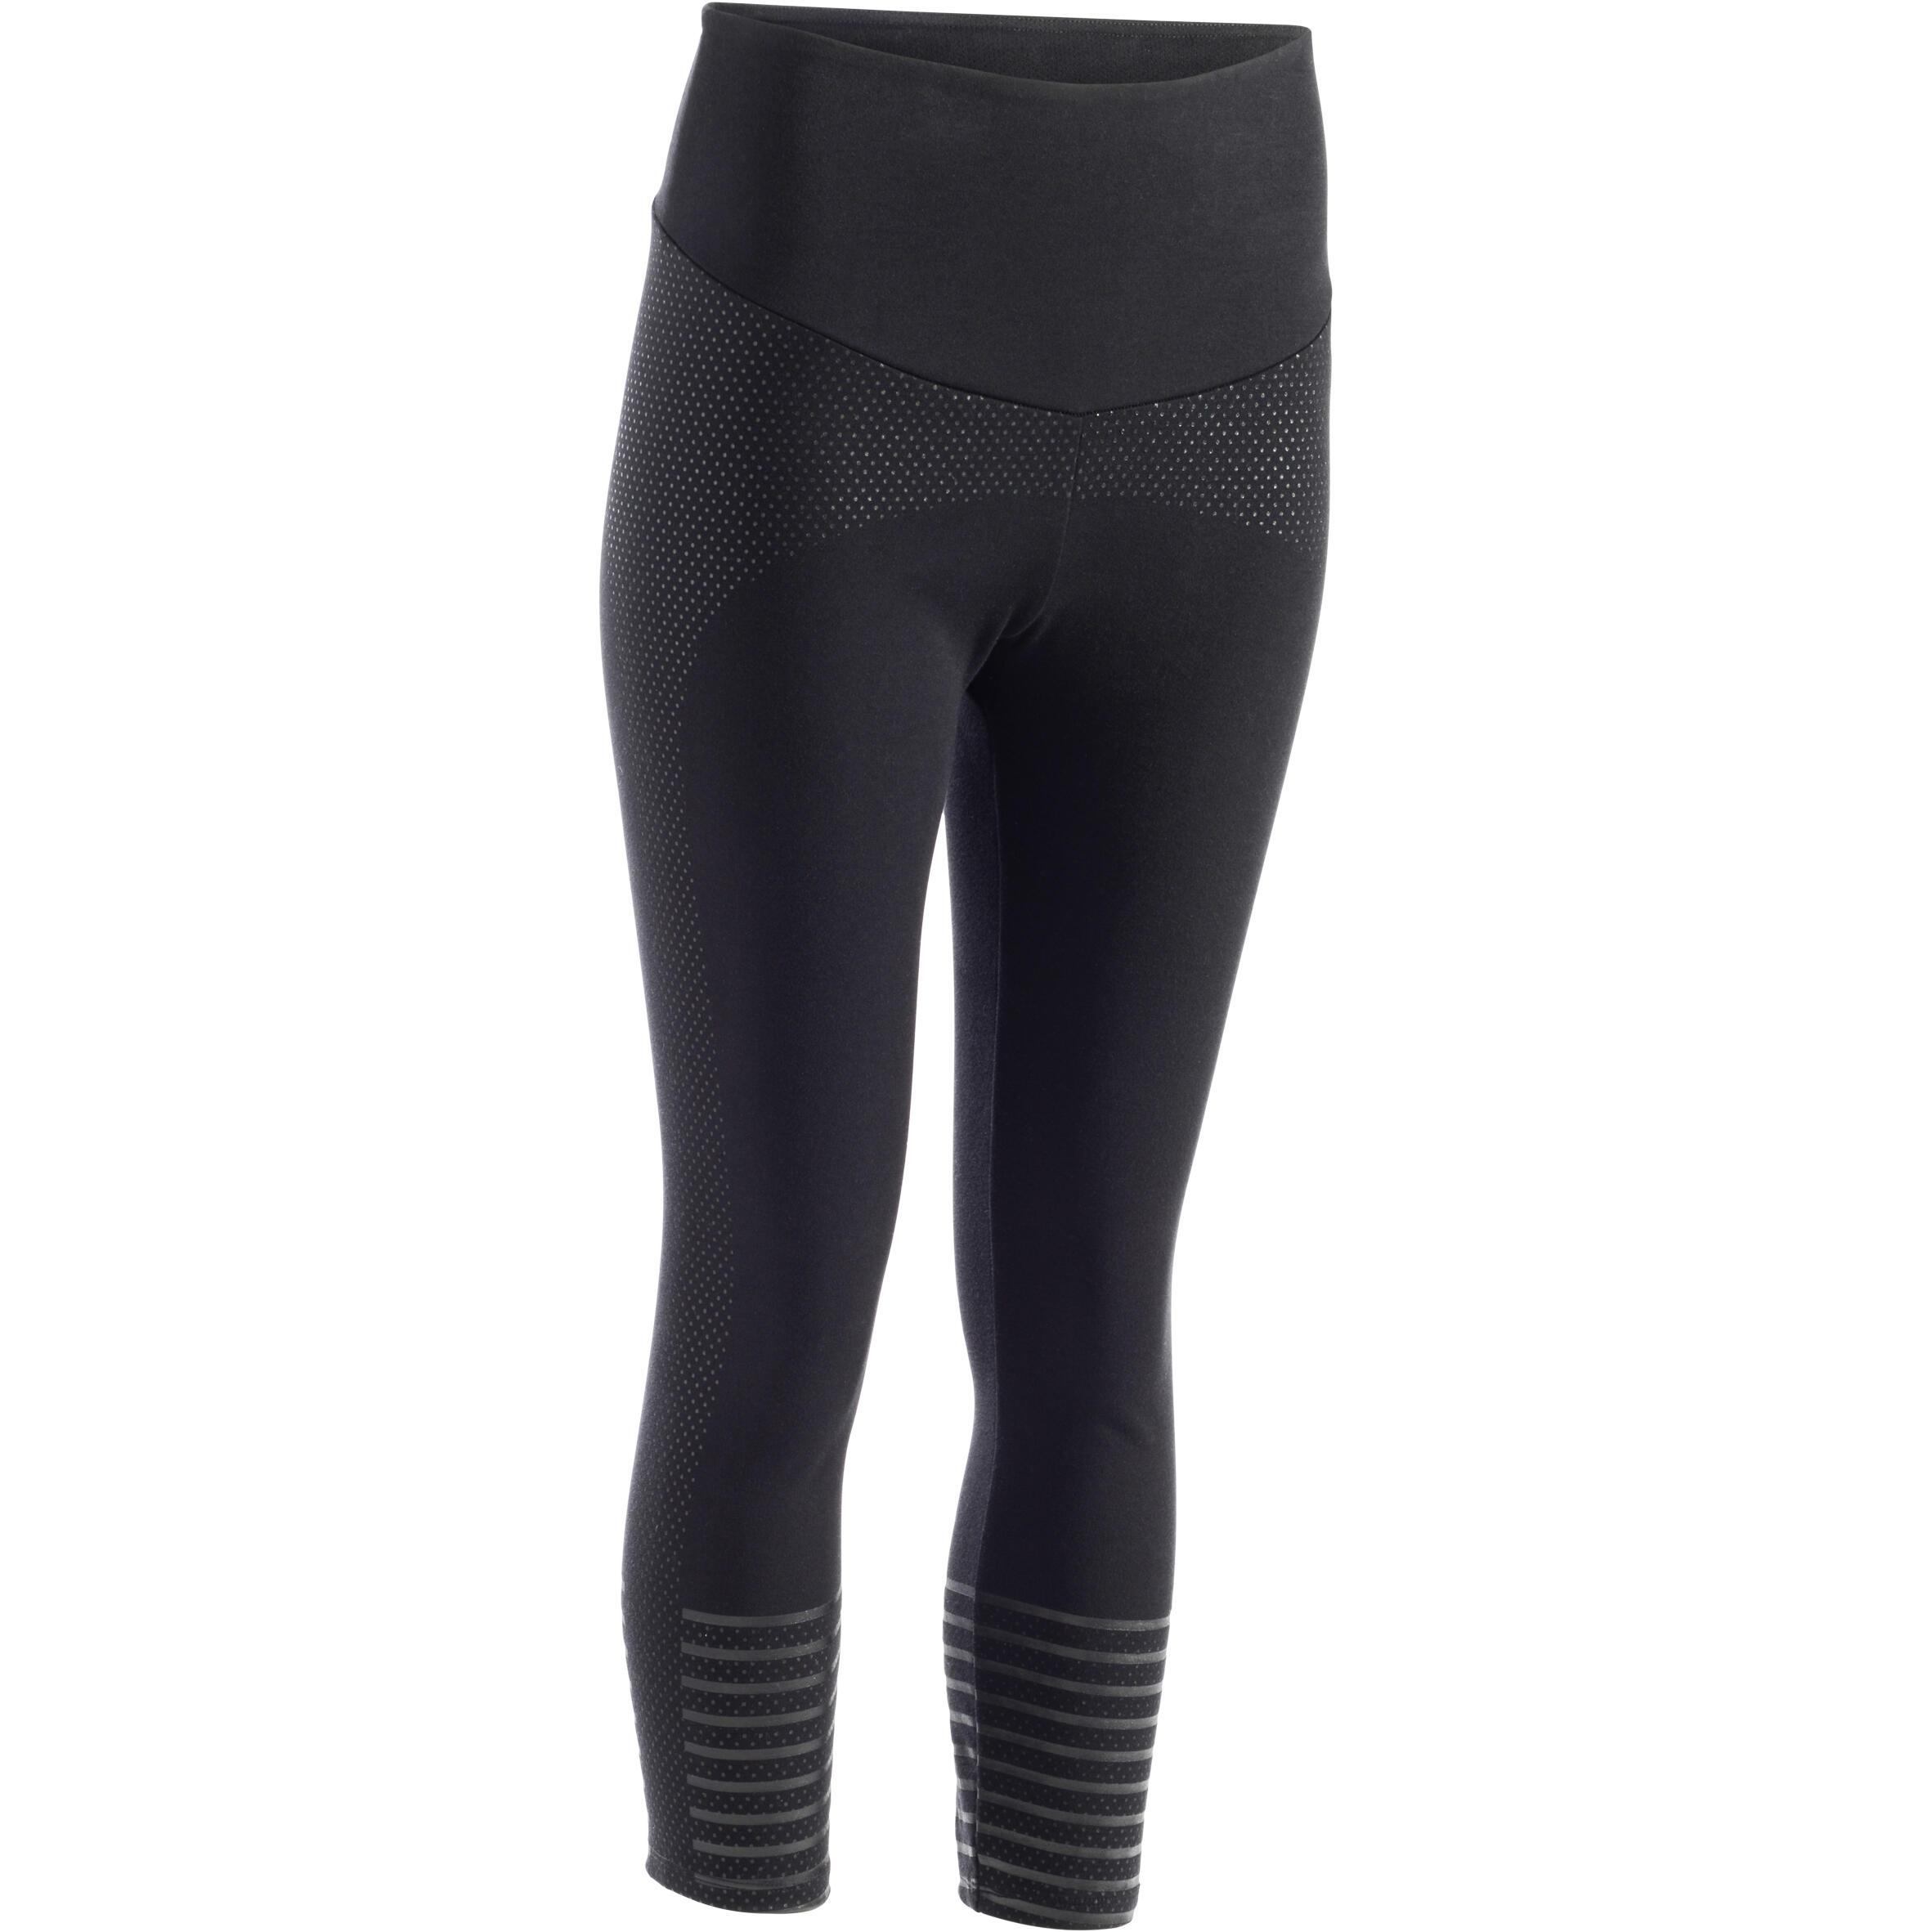 Domyos 7/8-legging 900 voor dames, voor gym en pilates, slim fit, zwart